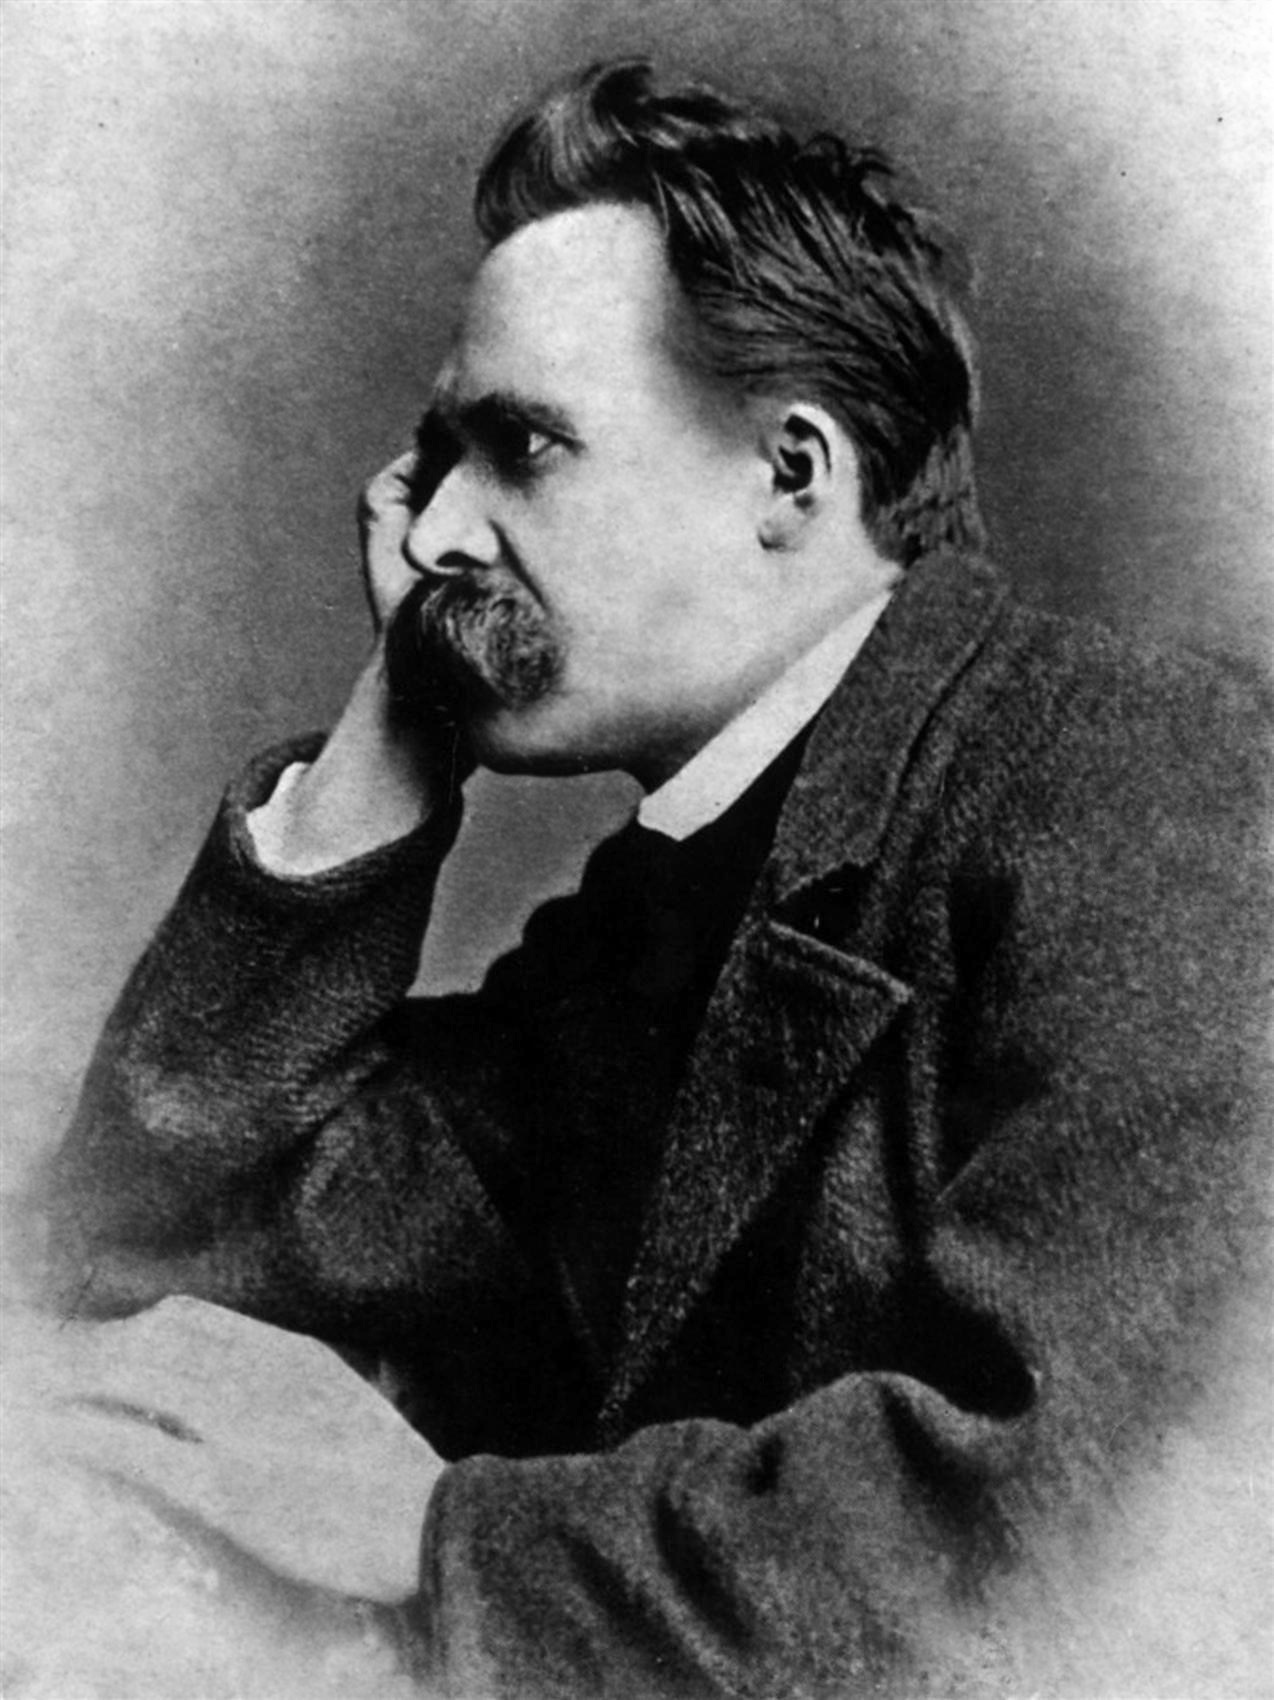 Nietzsche, de perfil, con la cabeza apoyada en la mano derecha